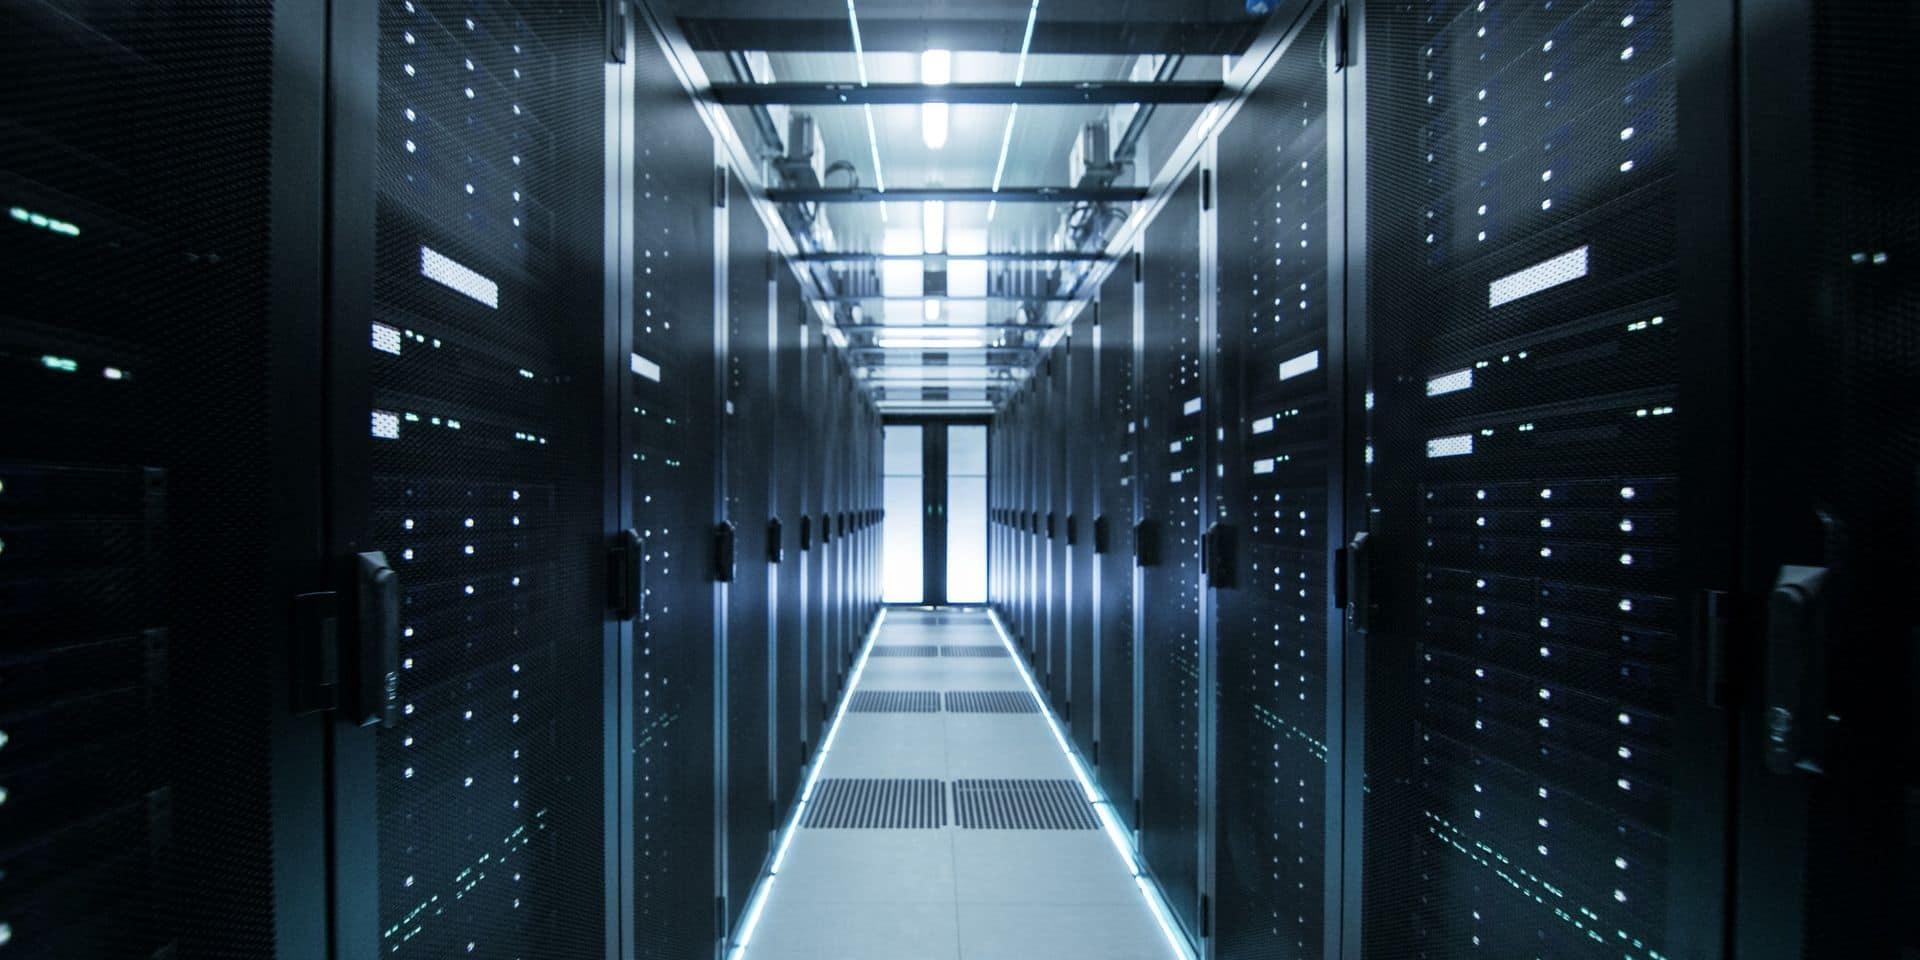 L'entreprise dispose de son propre centre d'hébergement de données situé en Belgique, le Wallonie Data Center (Illu.)